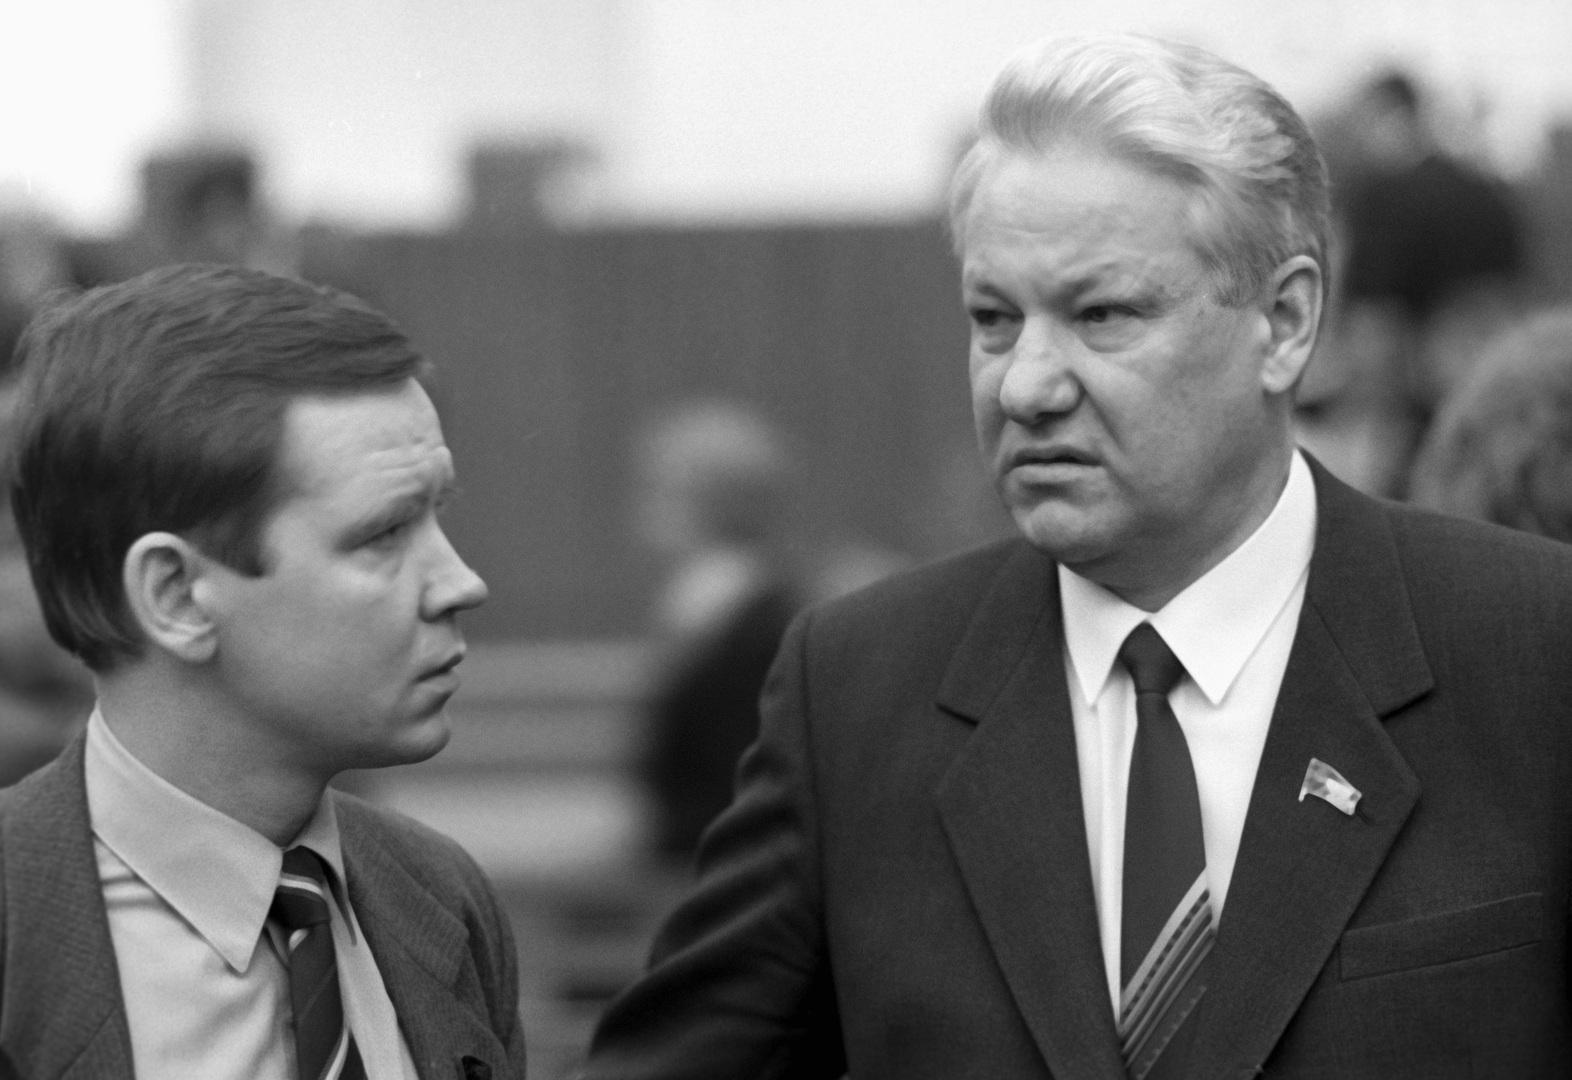 الرئيس الروسي الأسبق بوريس يلتسين ومستشاره السابق سيرغي ستانكيفيتش